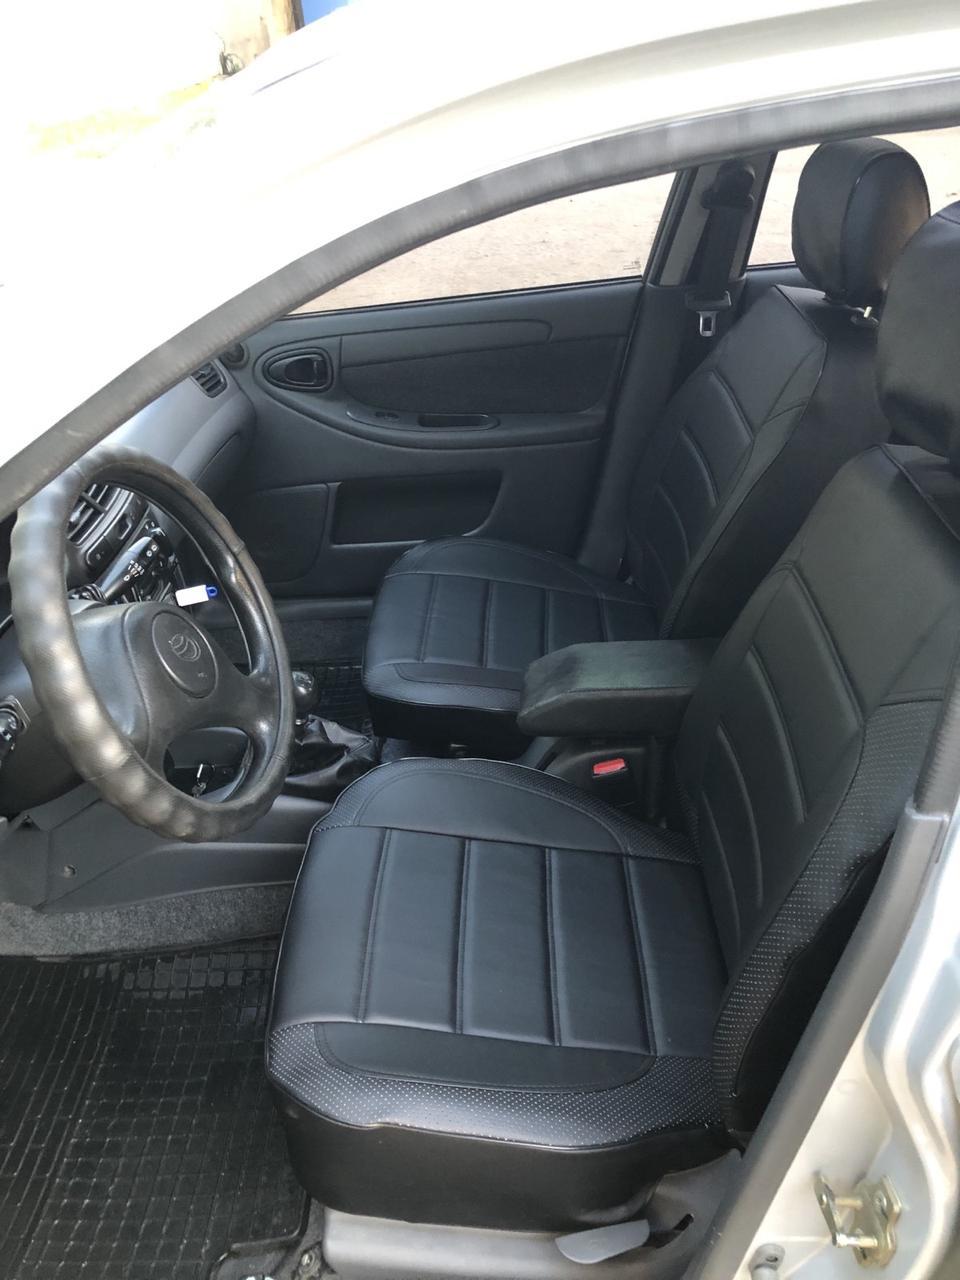 Чохли на сидіння Фольксваген Пассат Б5 (Volkswagen Passat B5) модельні MAX-L з екошкіри Чорний